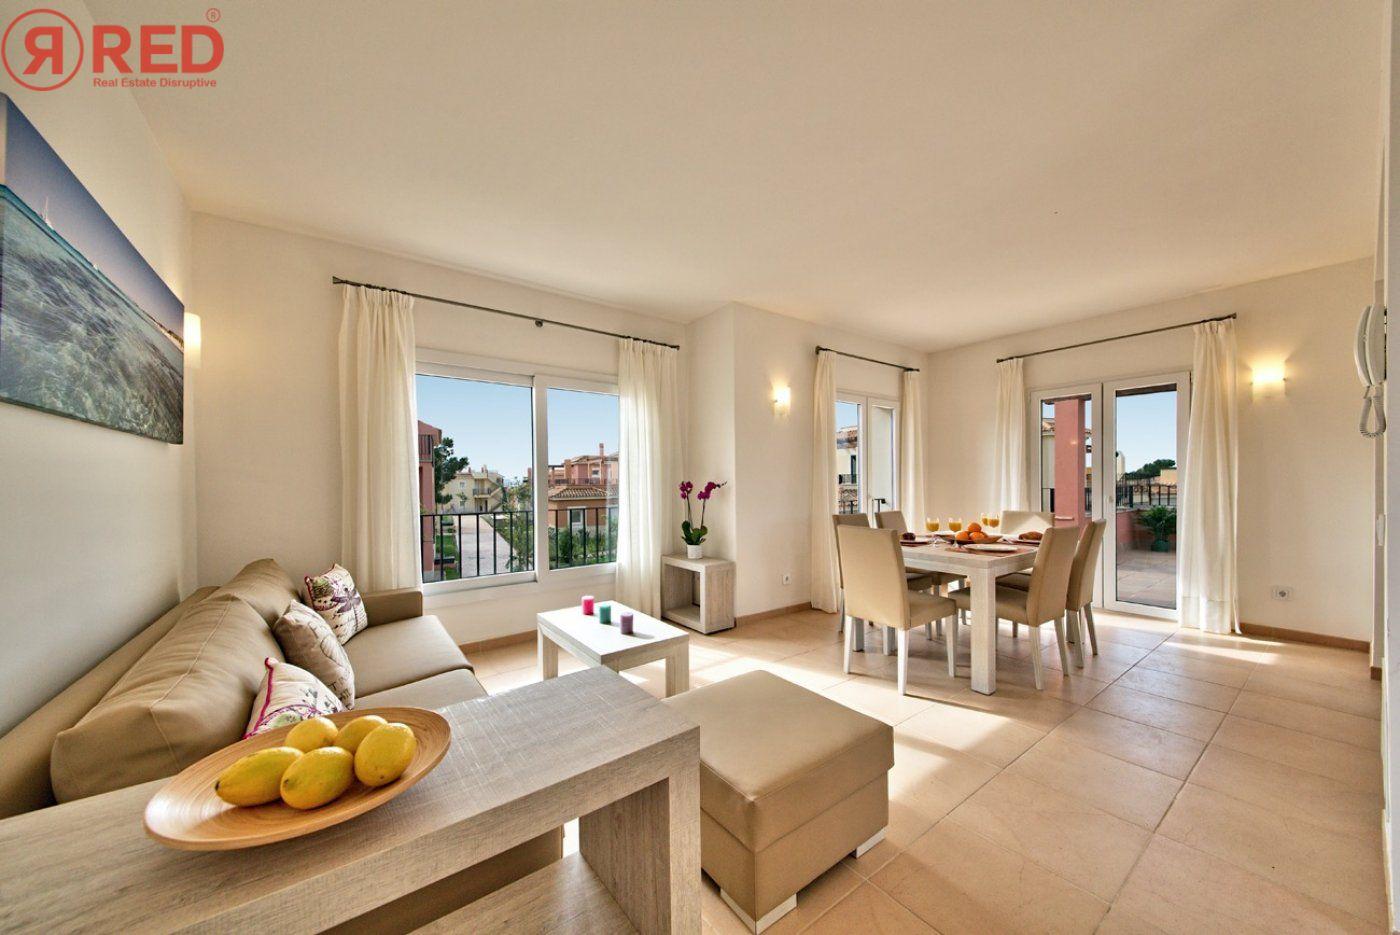 Se vende exclusivas viviendas de lujo en mallorca - imagenInmueble3